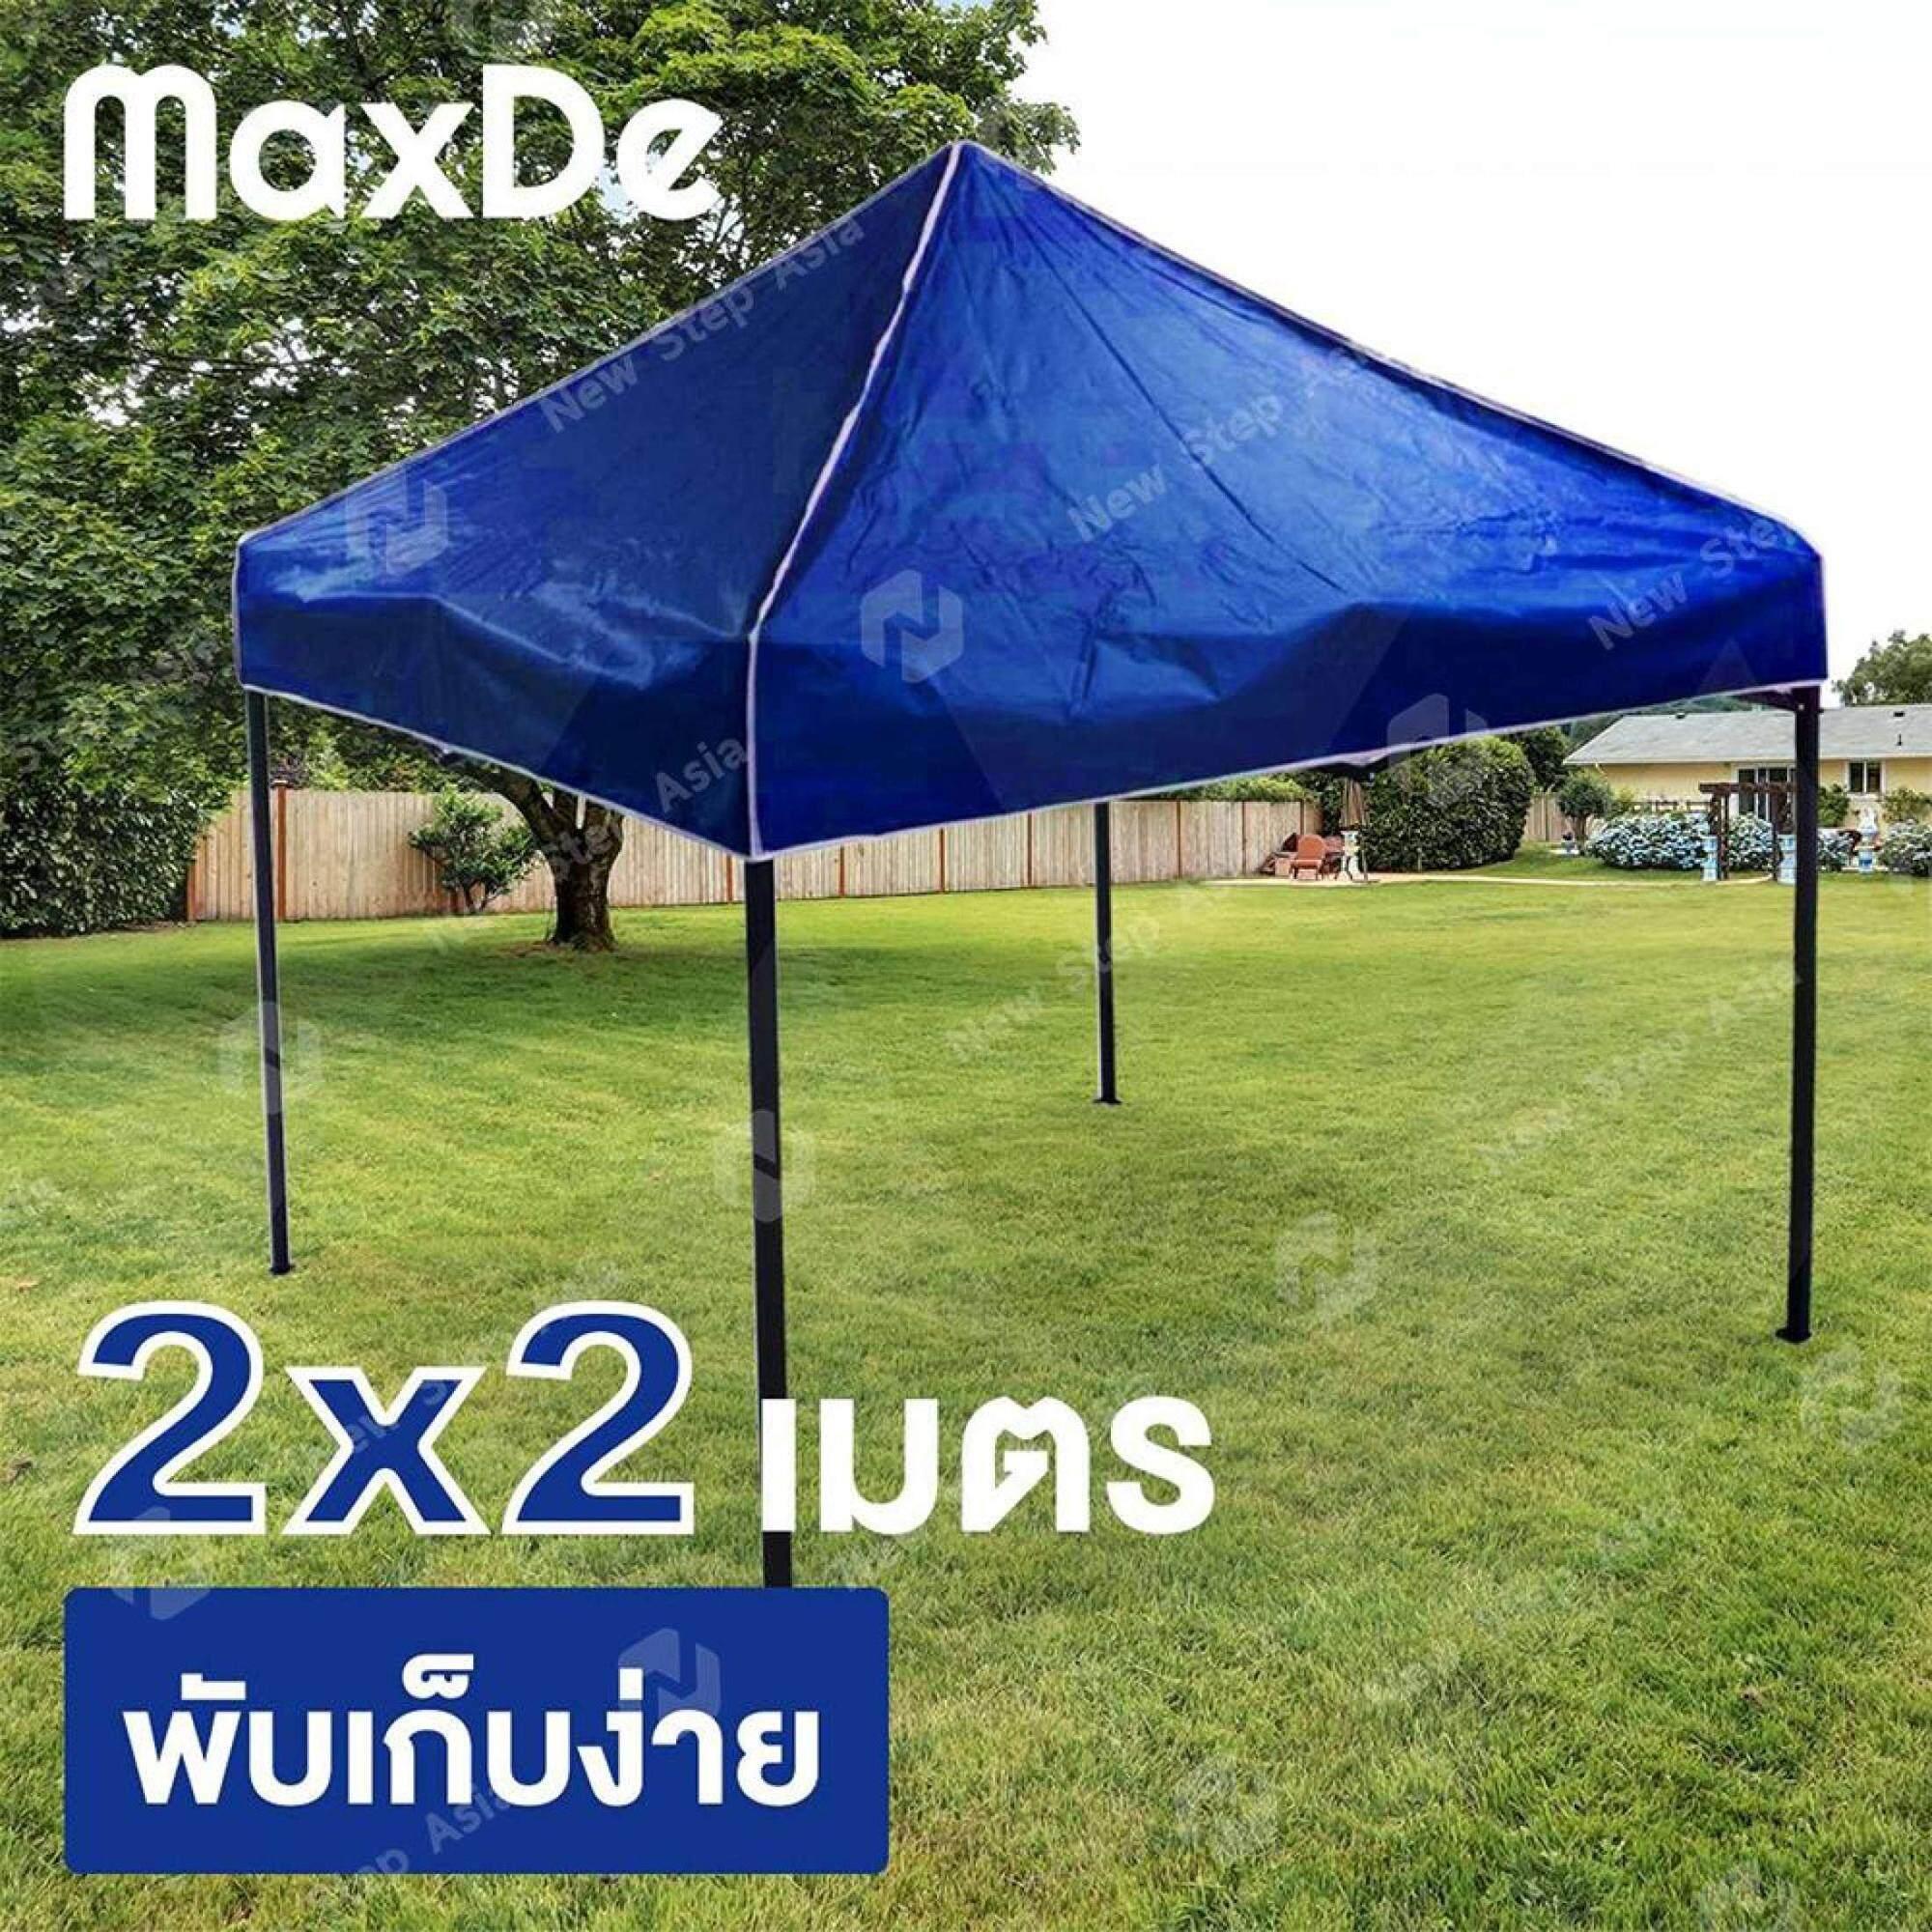 Maxde เต็นท์ เต็นท์สนาม เต็นท์ออกบูท เต็นท์พับได้ ขนาด 2 X 2 เมตร เต็นท์จอดรถพับได้ โรงจอดรถพับได้ ที่จอดรถพับได้ กันฝน กันแดด Tent เต้นท์ New Step Asia.